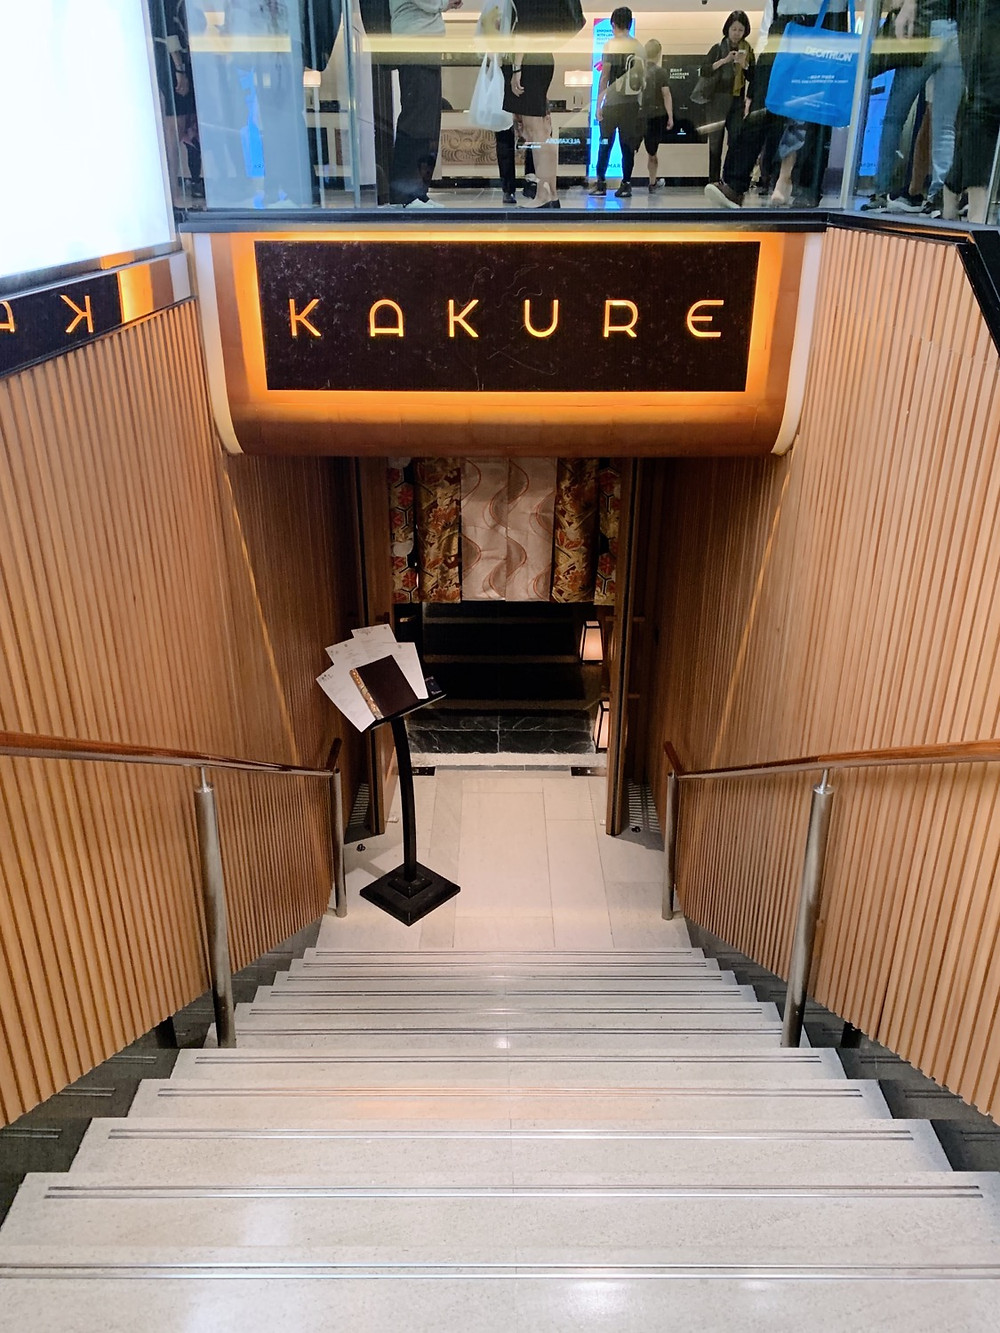 Kakure Japanese restaurant at Landmark in Hong Kong